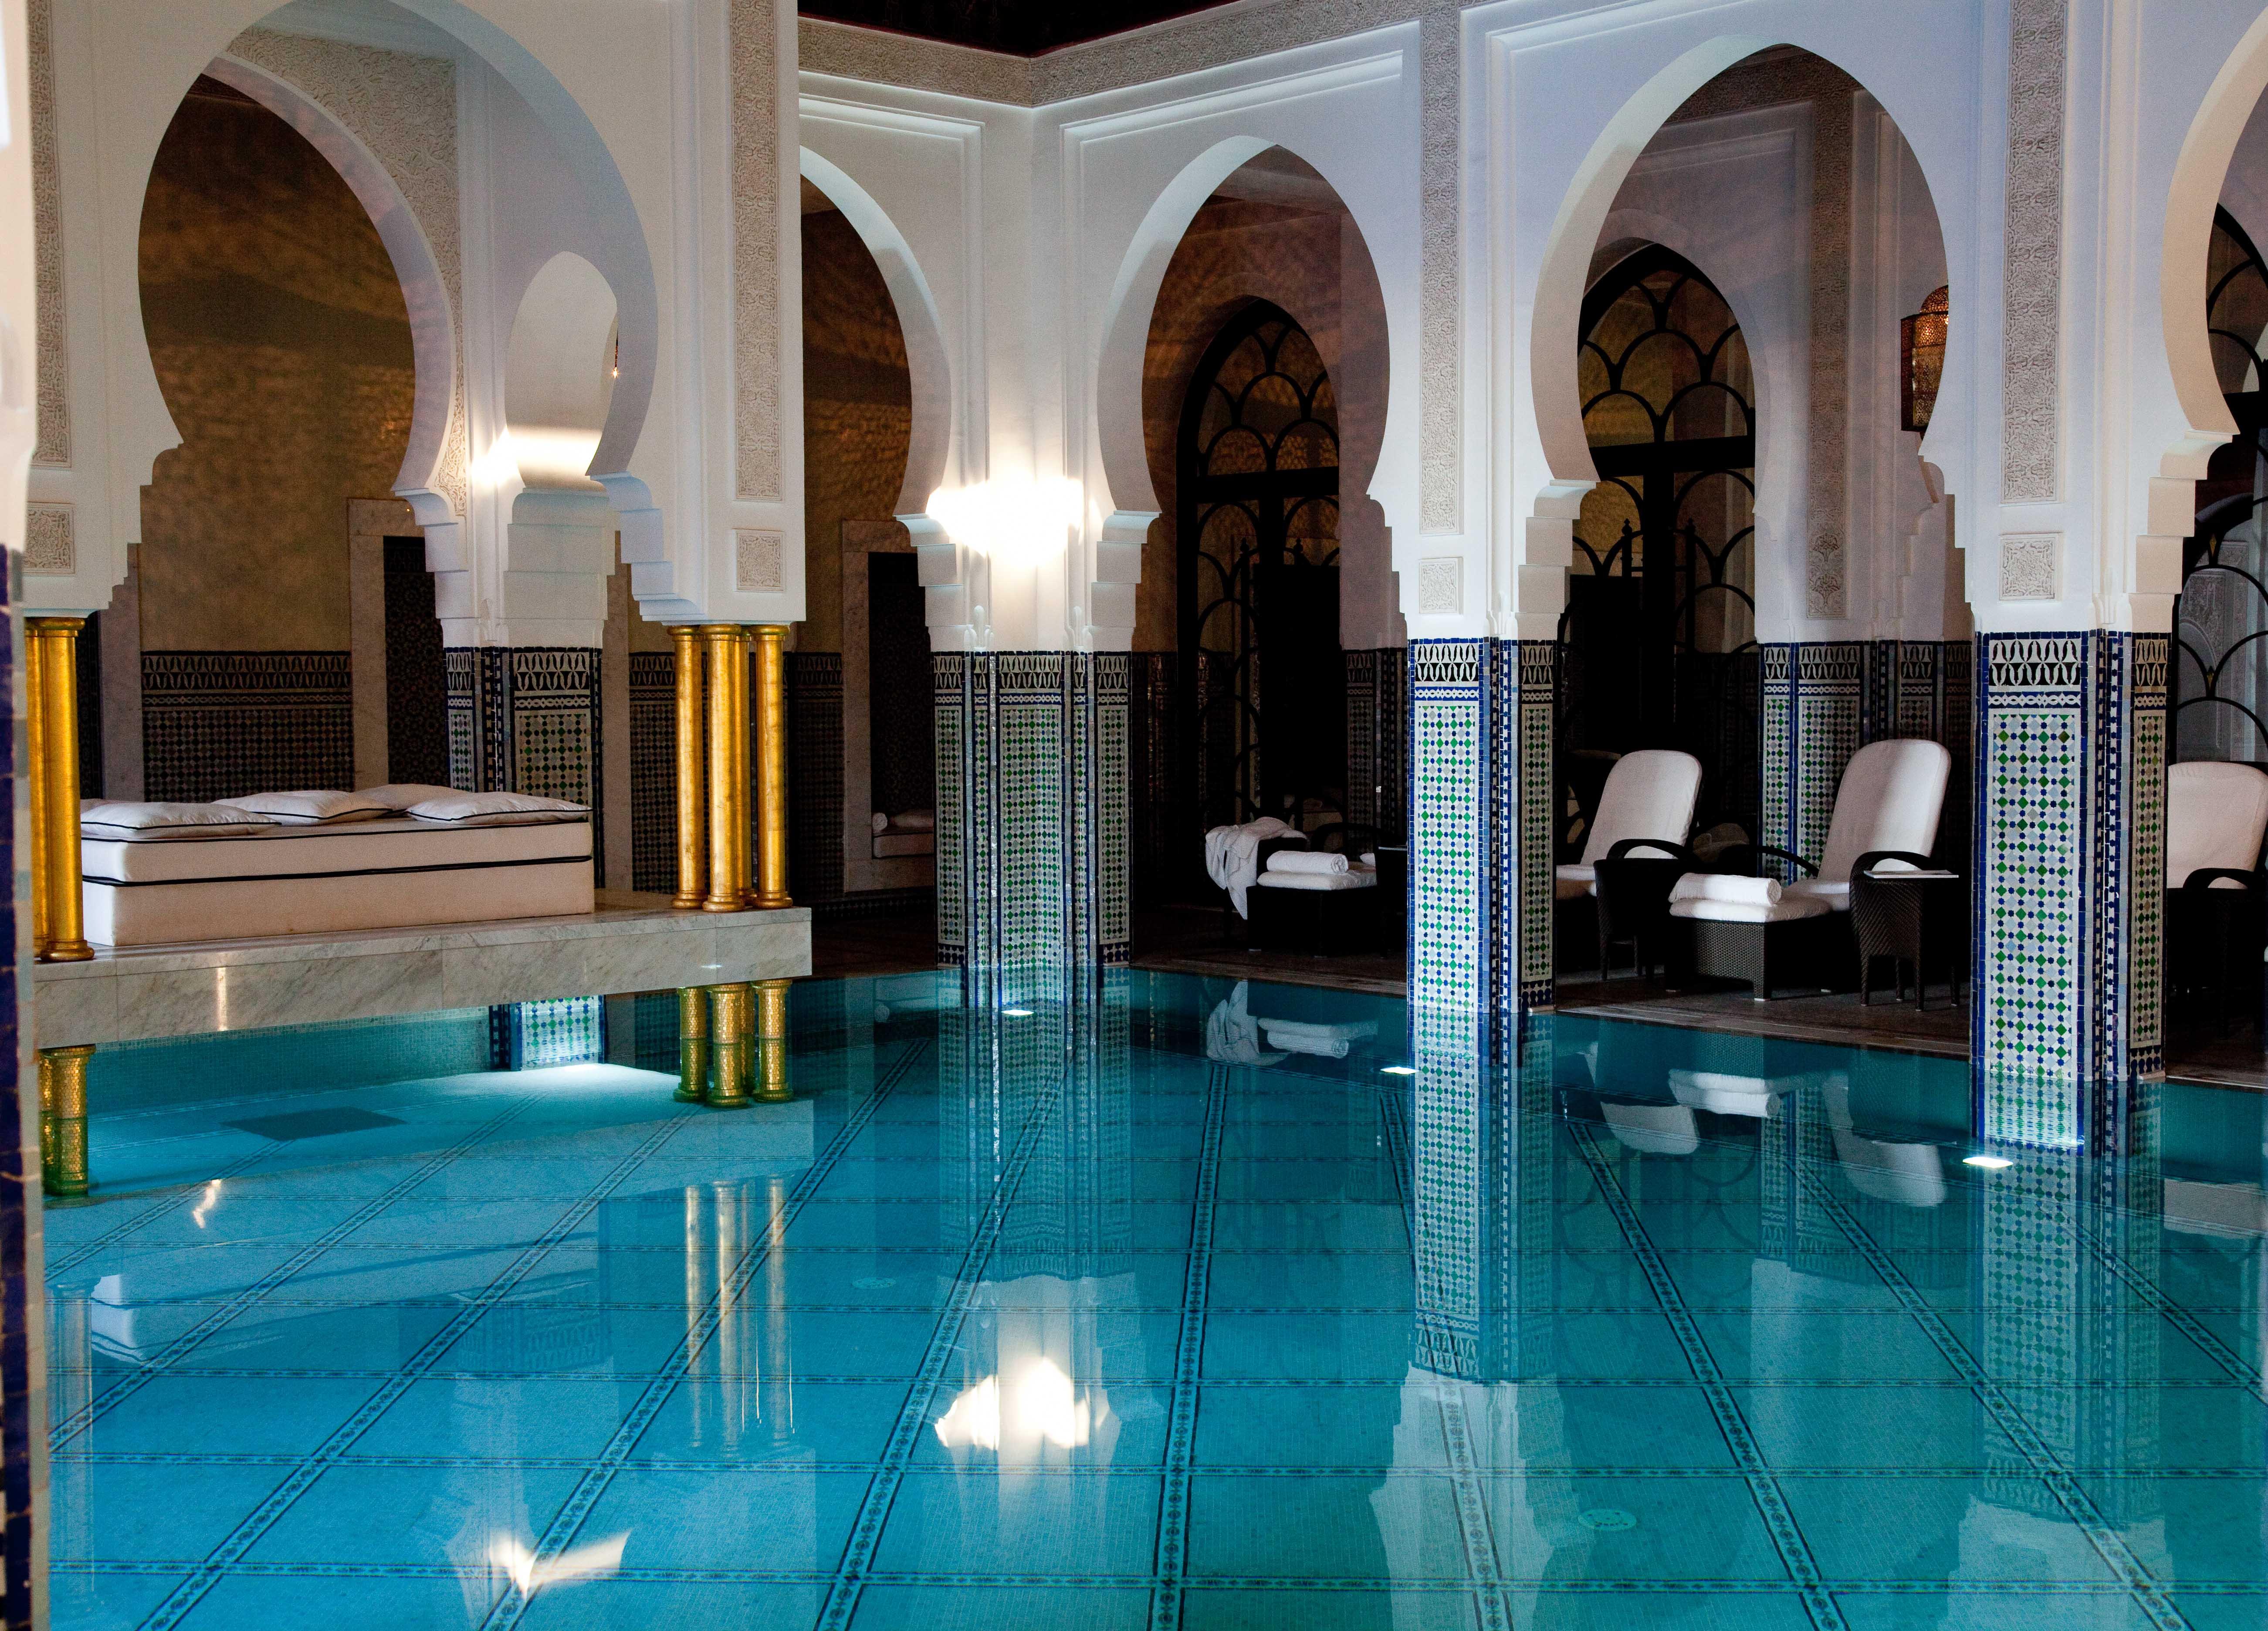 Salle De Bain Decoration Carrelage : La Mamounia Spa Marrakech